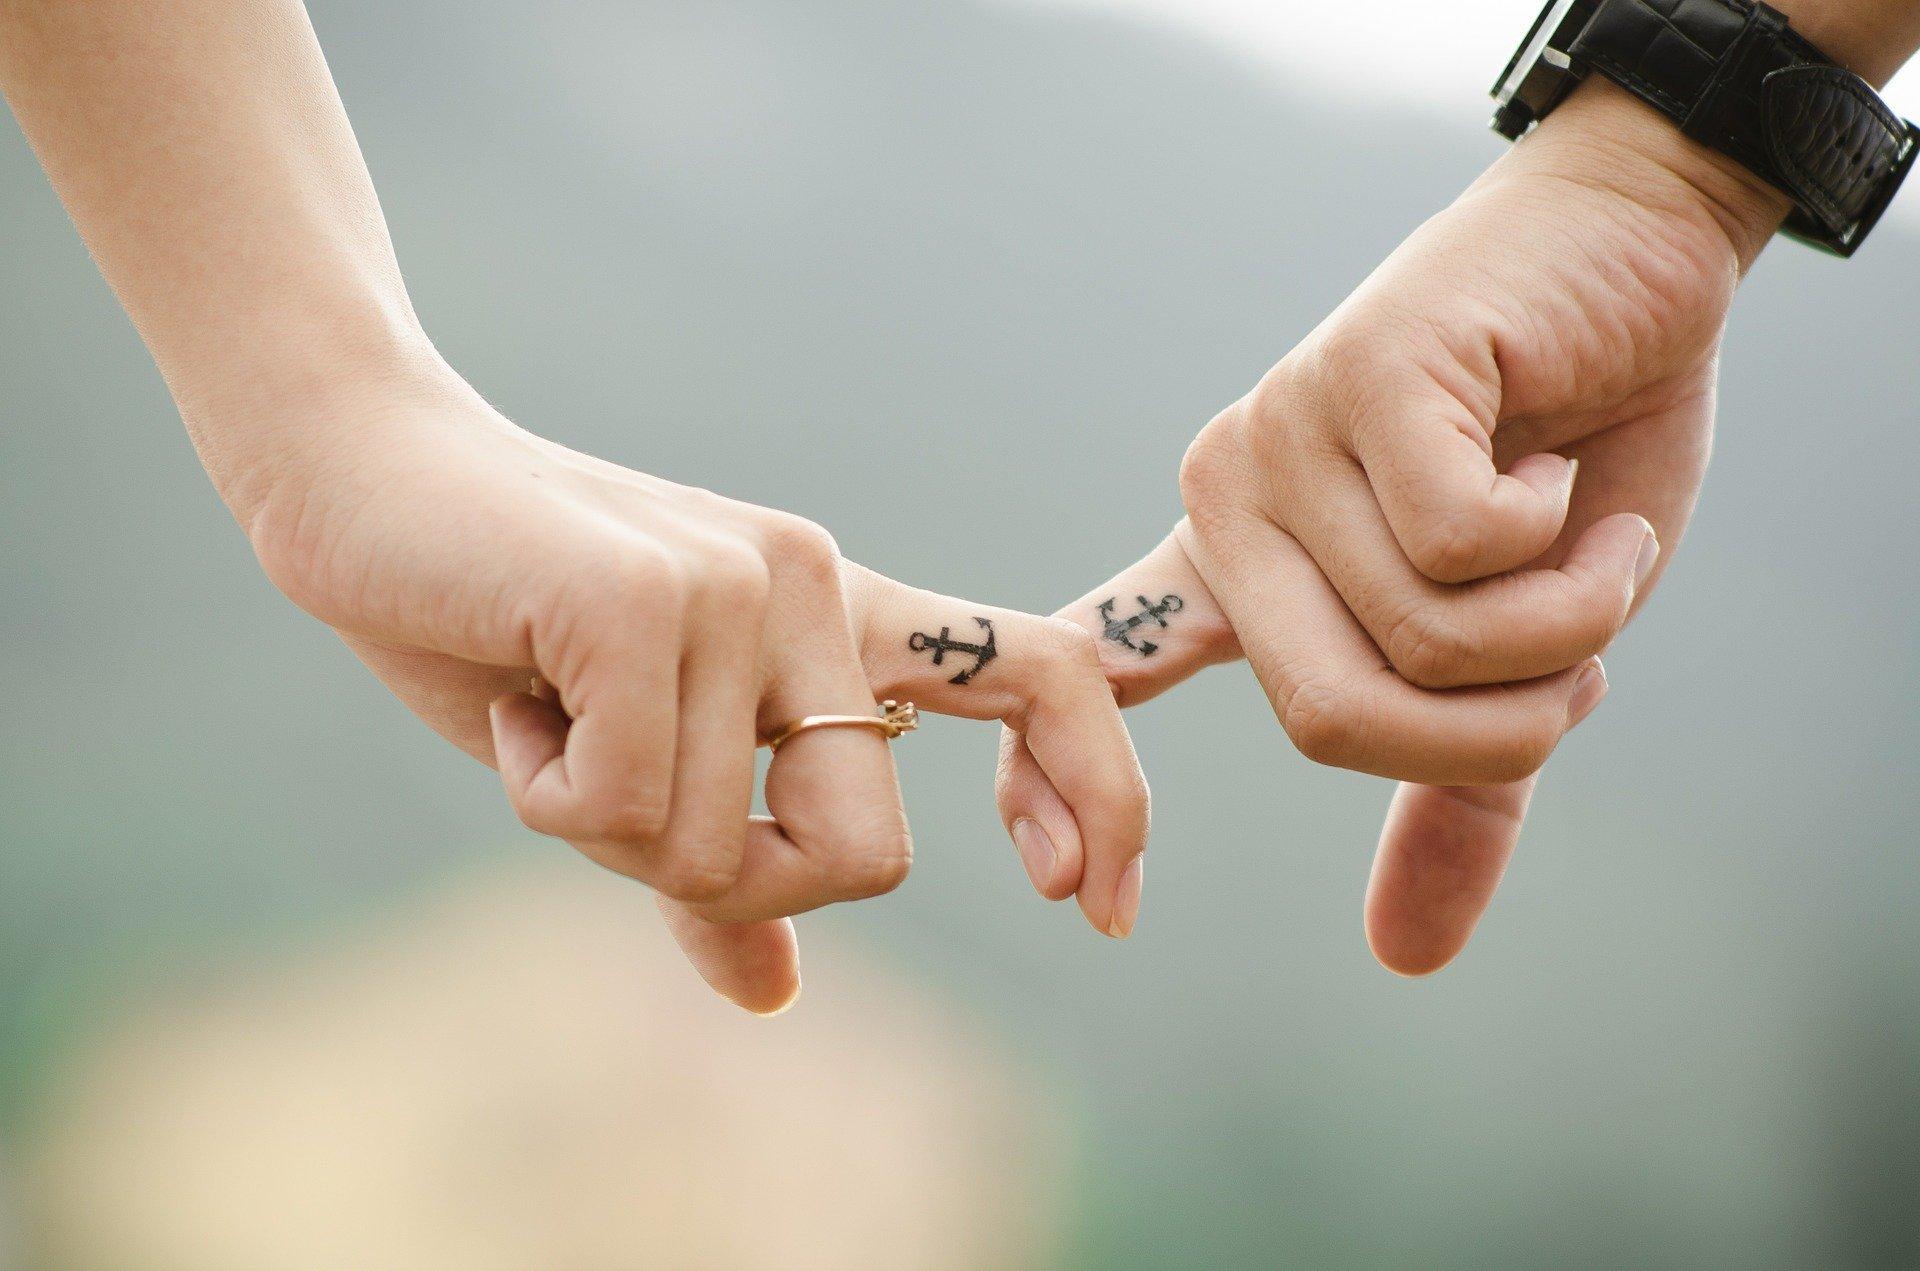 hands 437968 1920.jpg?resize=412,232 - Plus vous êtes extraordinaire, plus il est difficile de trouver l'amour